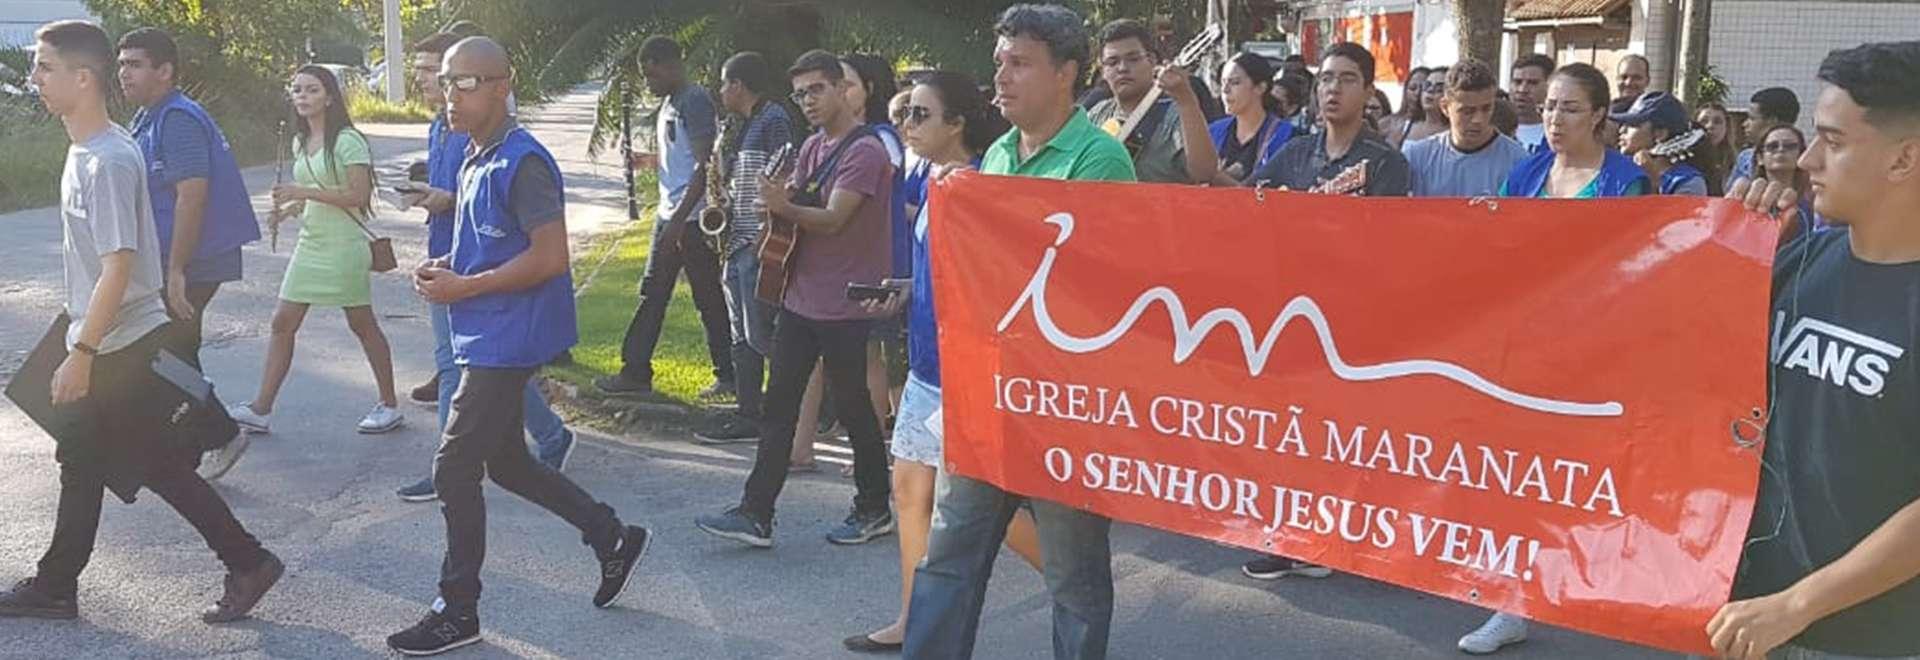 Jovens da Igreja Cristã Maranata evangelizam em comunidades do Rio de Janeiro